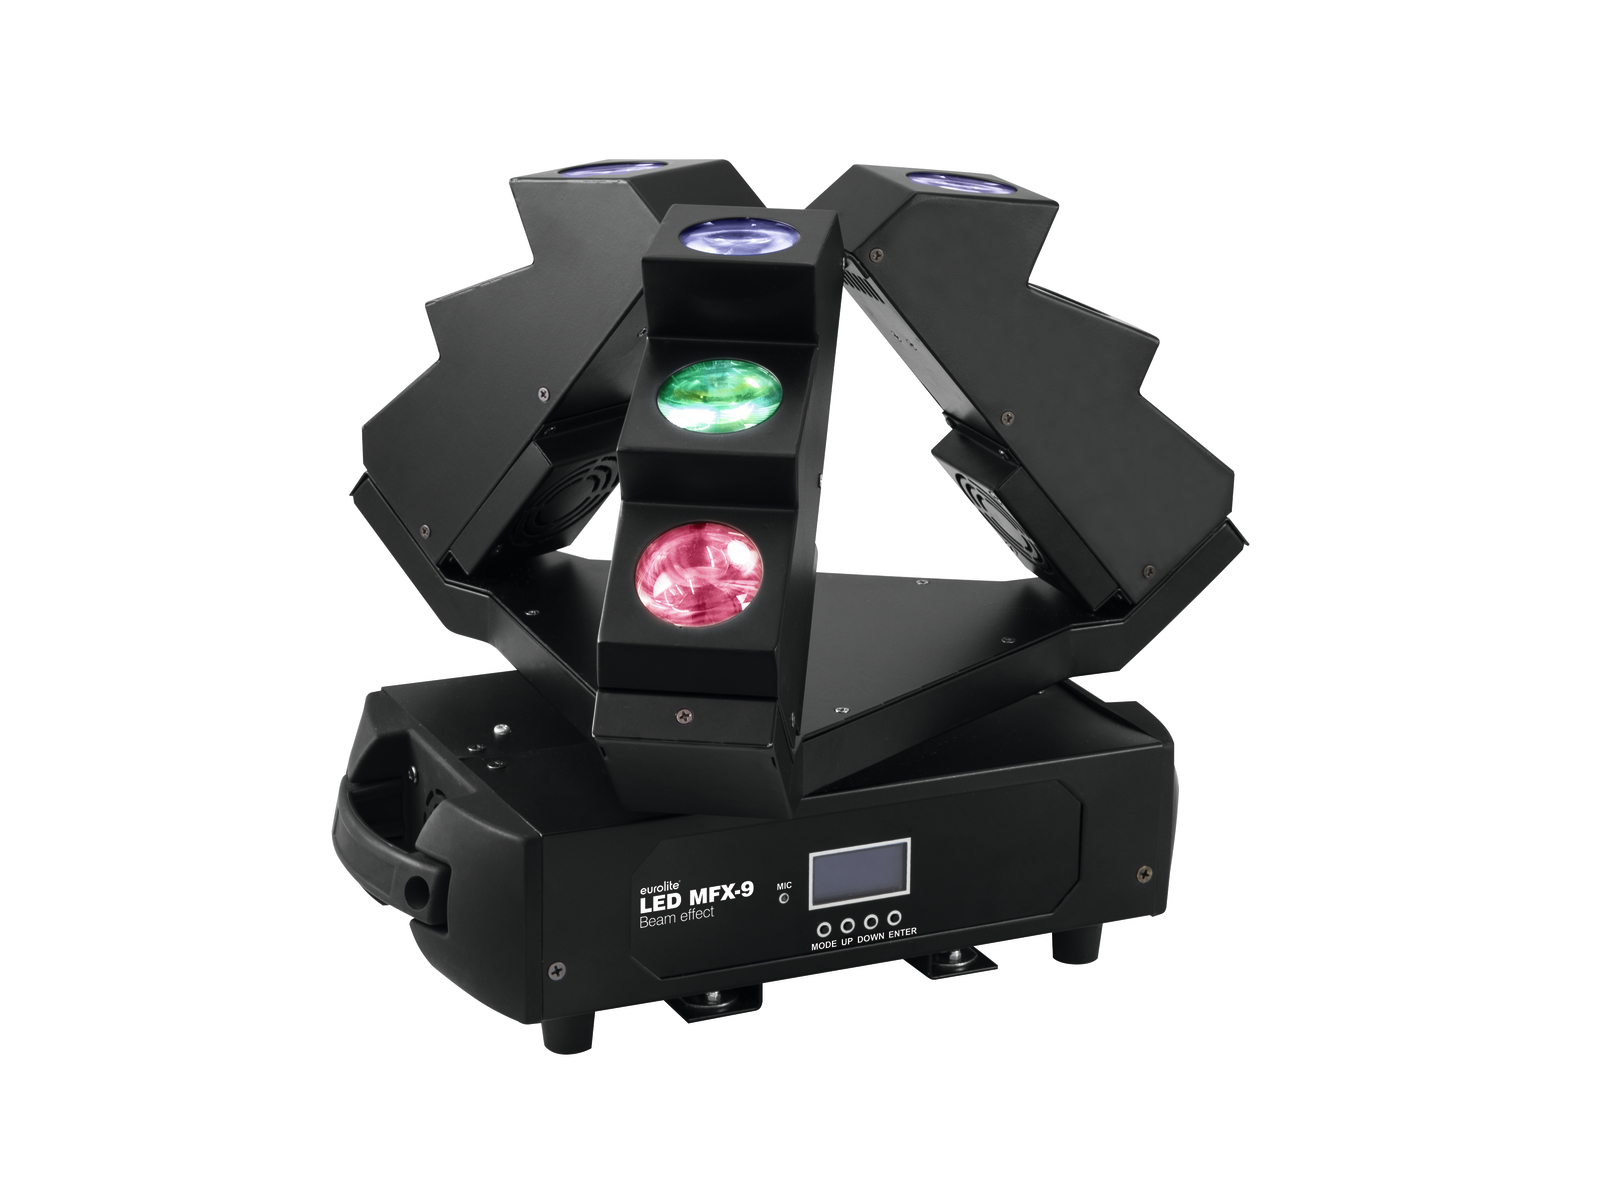 Eurolite LED MFX-9, paprskový efekt